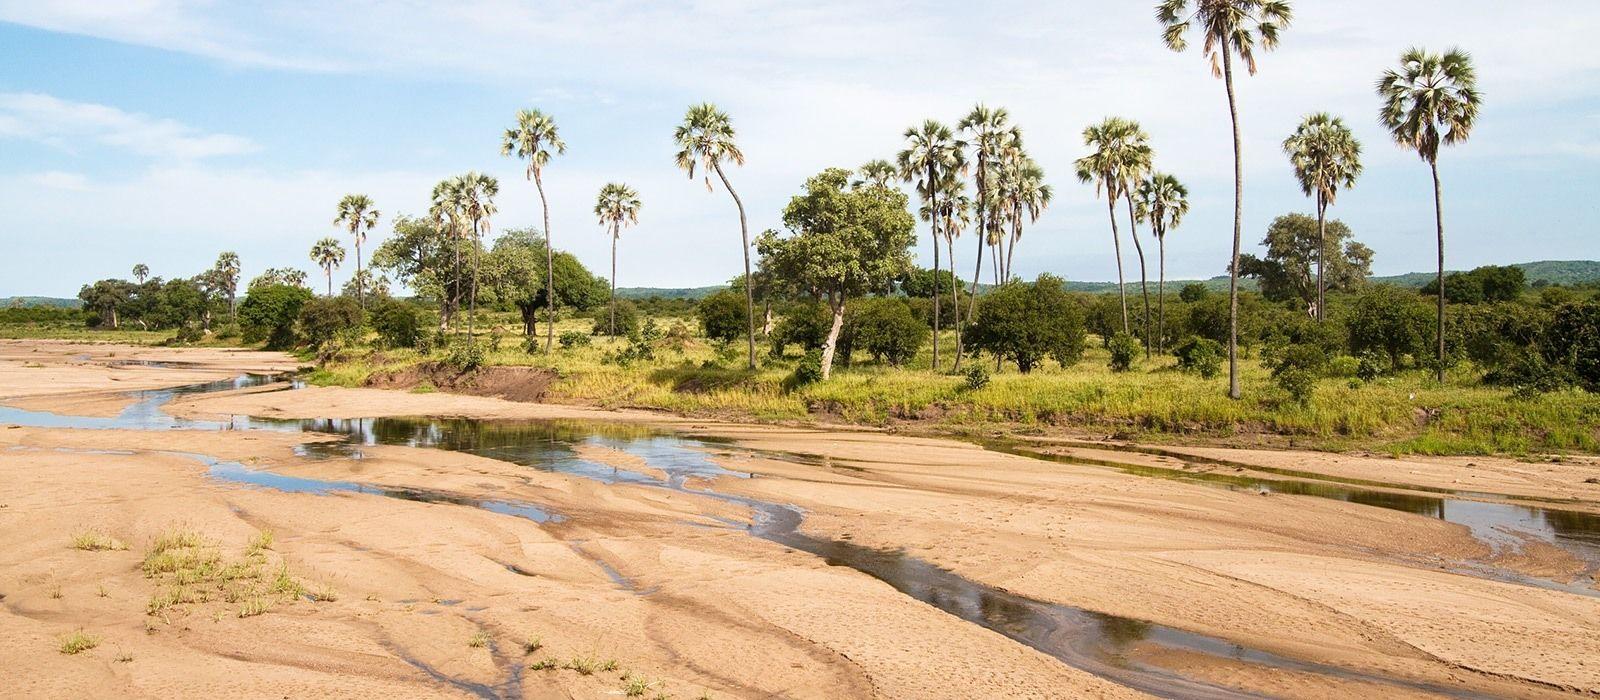 Authentisches Tansania: Der wilde Süden Urlaub 2